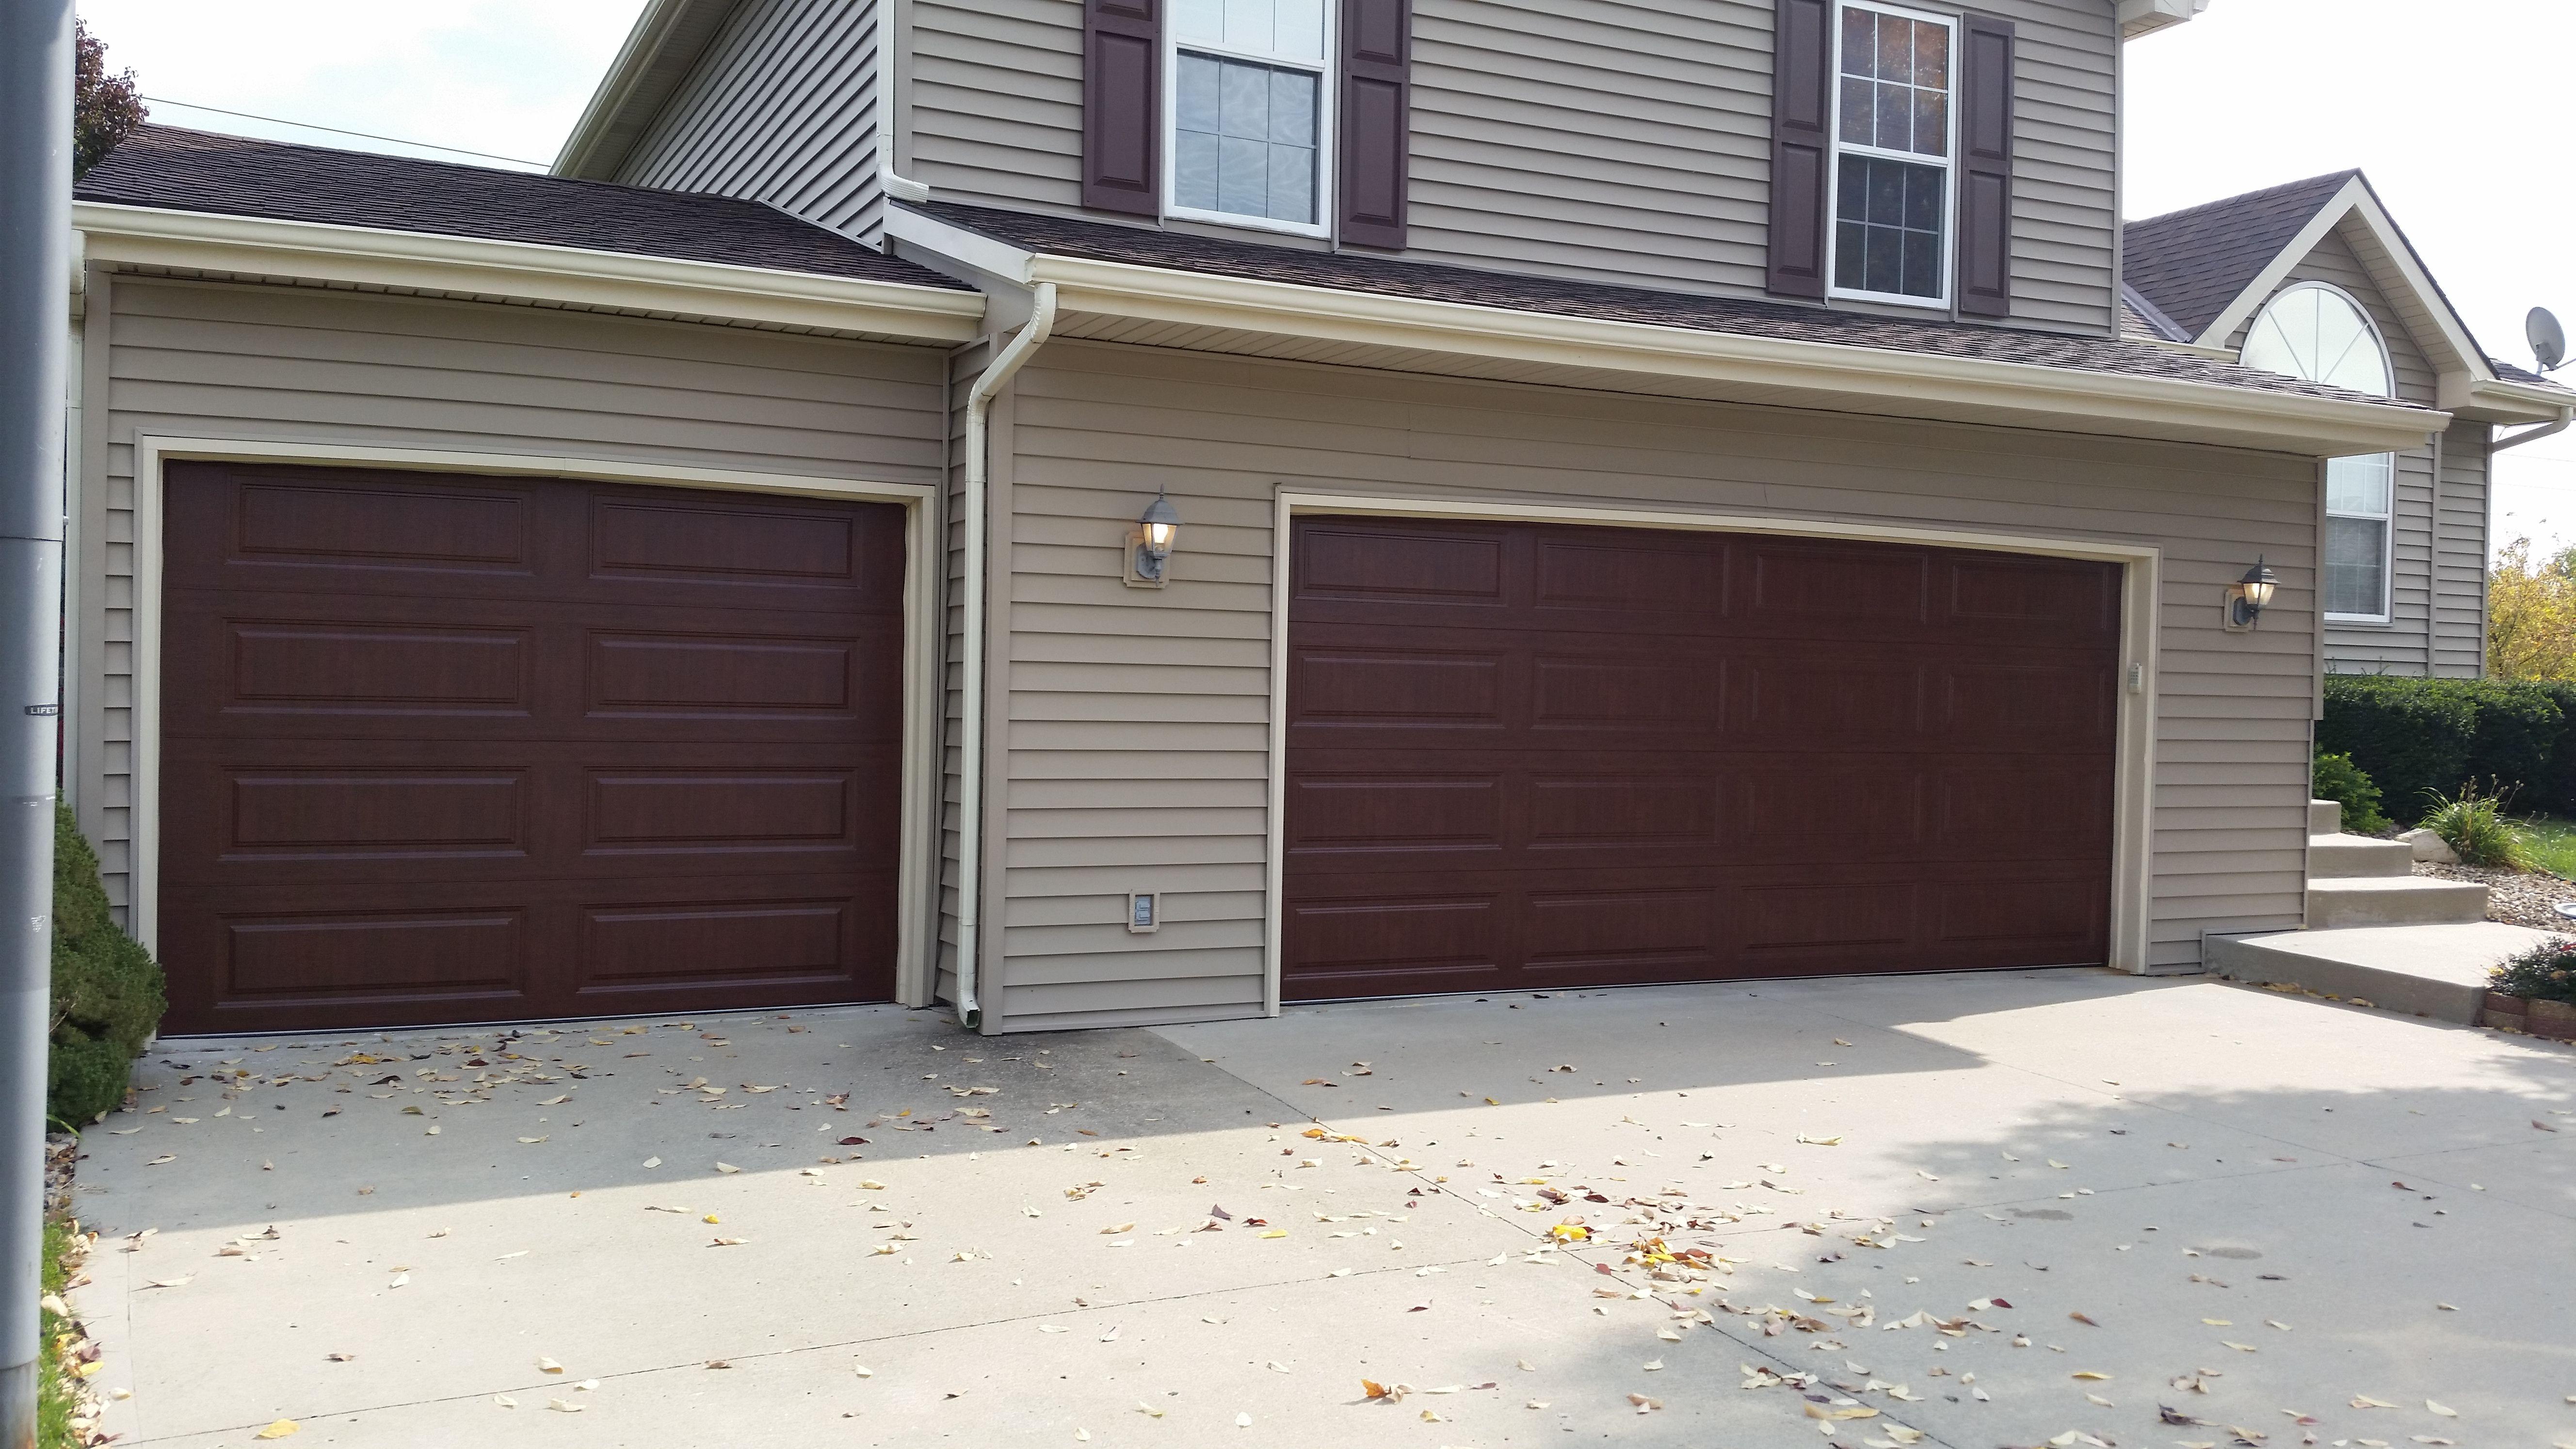 Clopay Classic Collection Premium Series Steel Insulated Garage Doors The Overhead Door Guy Theohdg Com Garage Doors Garage Door Insulation Overhead Door